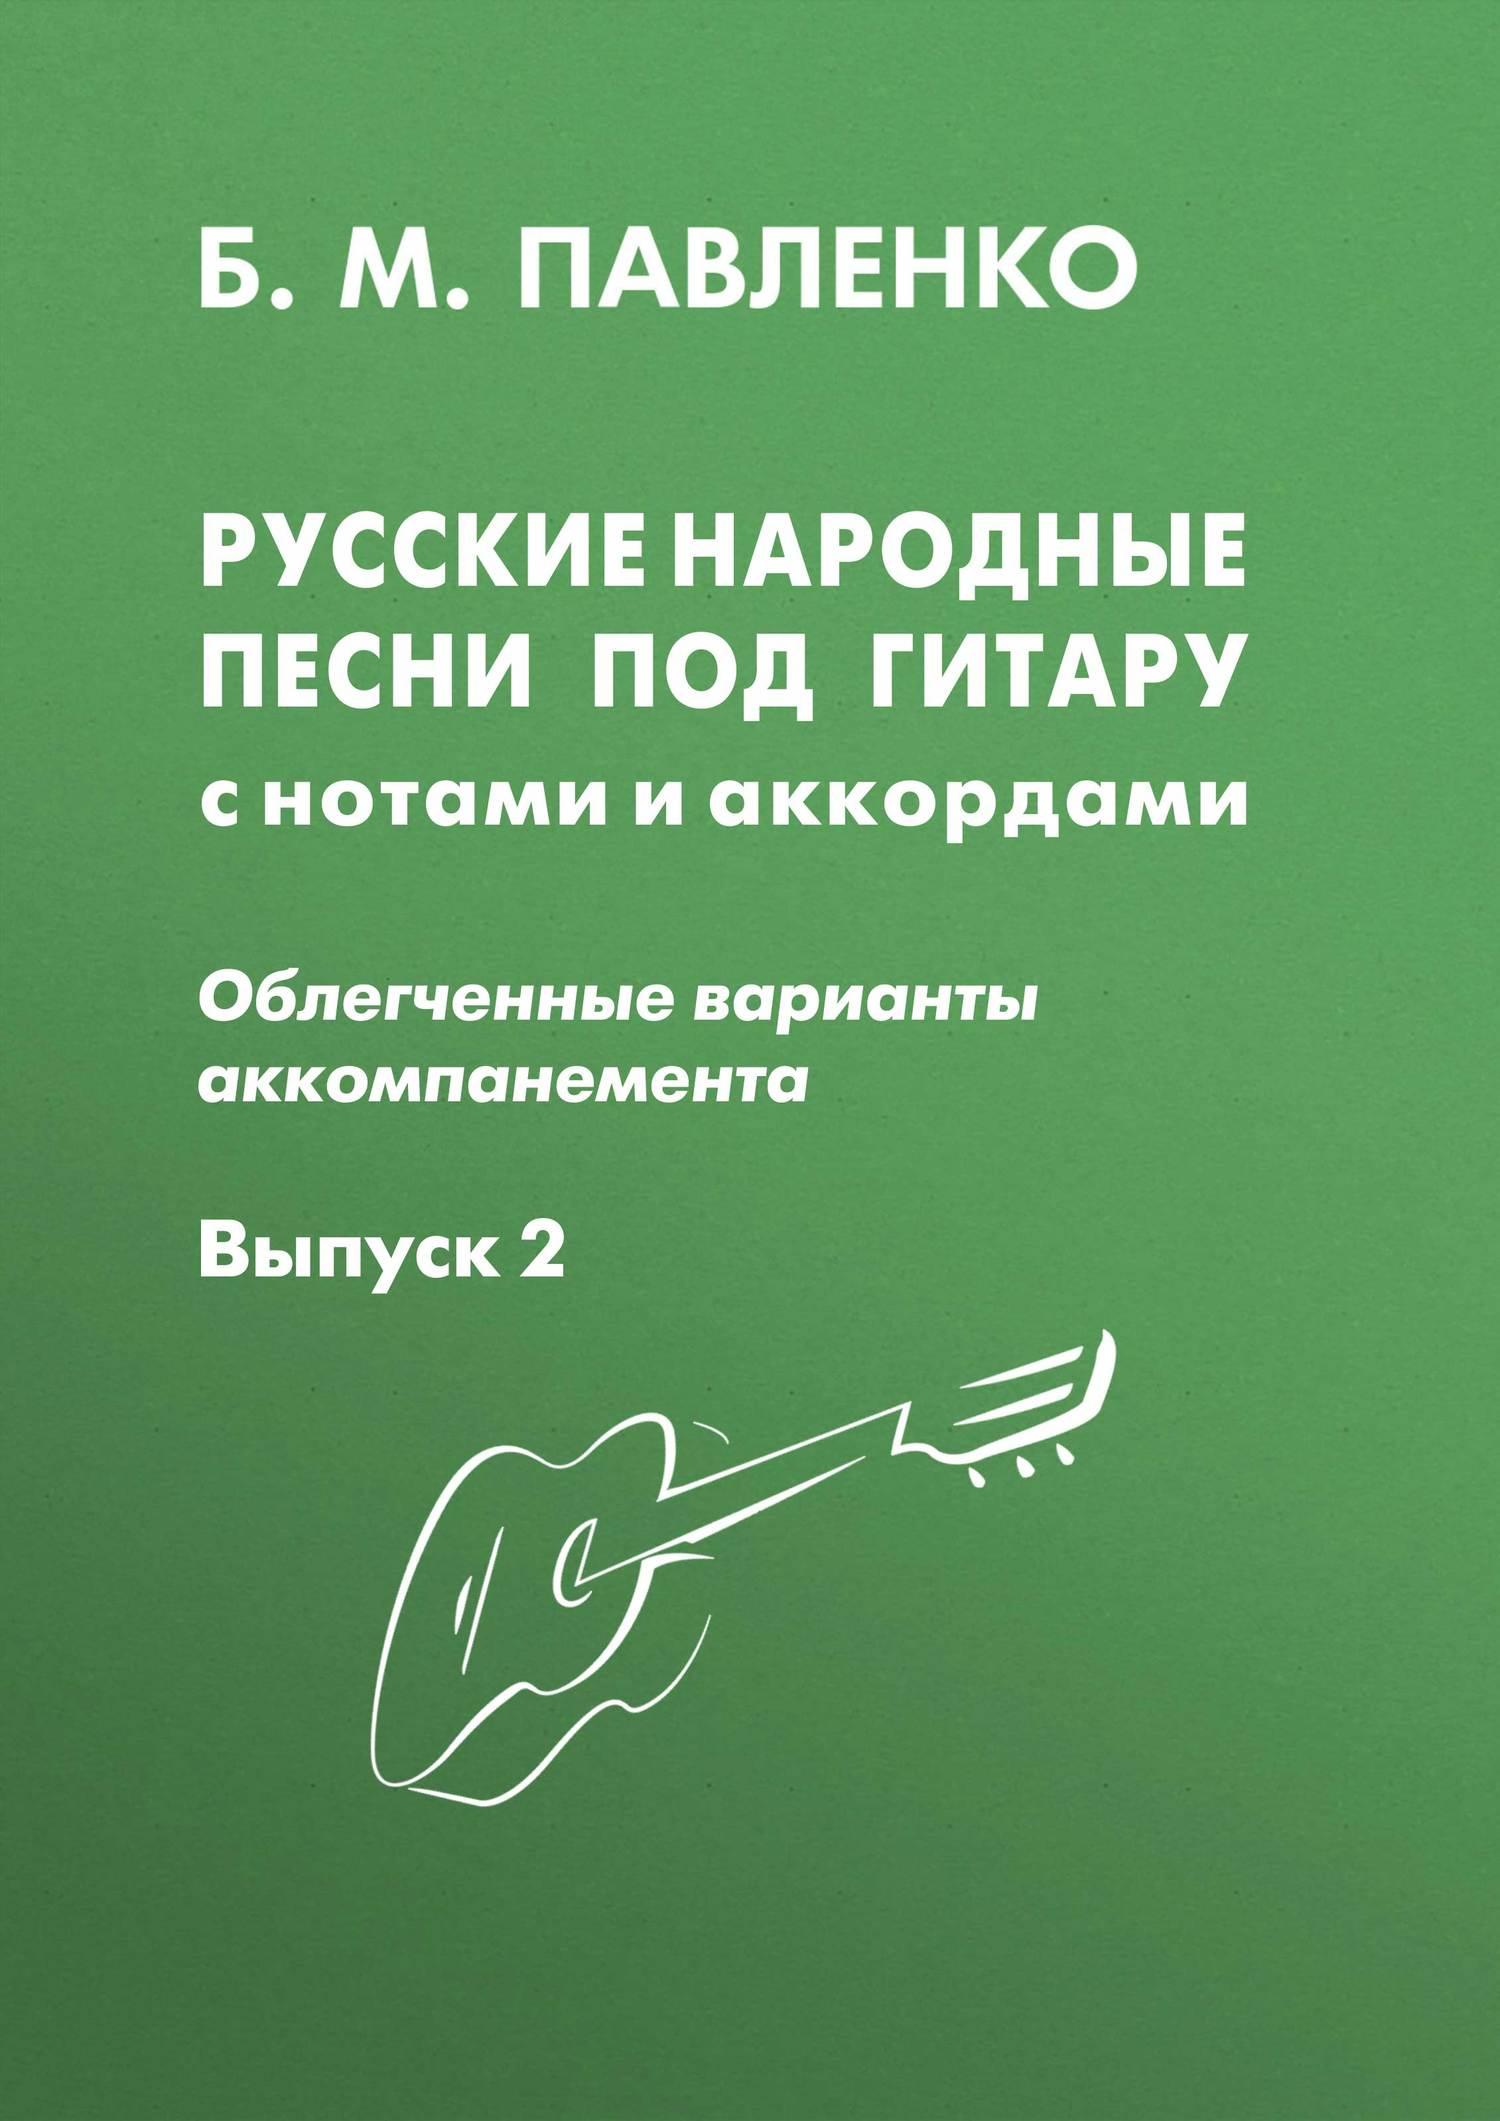 Б. М. Павленко Русские народные песни под гитару с нотами и аккордами (облегченные варианты аккомпанемента). Выпуск 2 б м павленко хиты под гитару выпуск 1